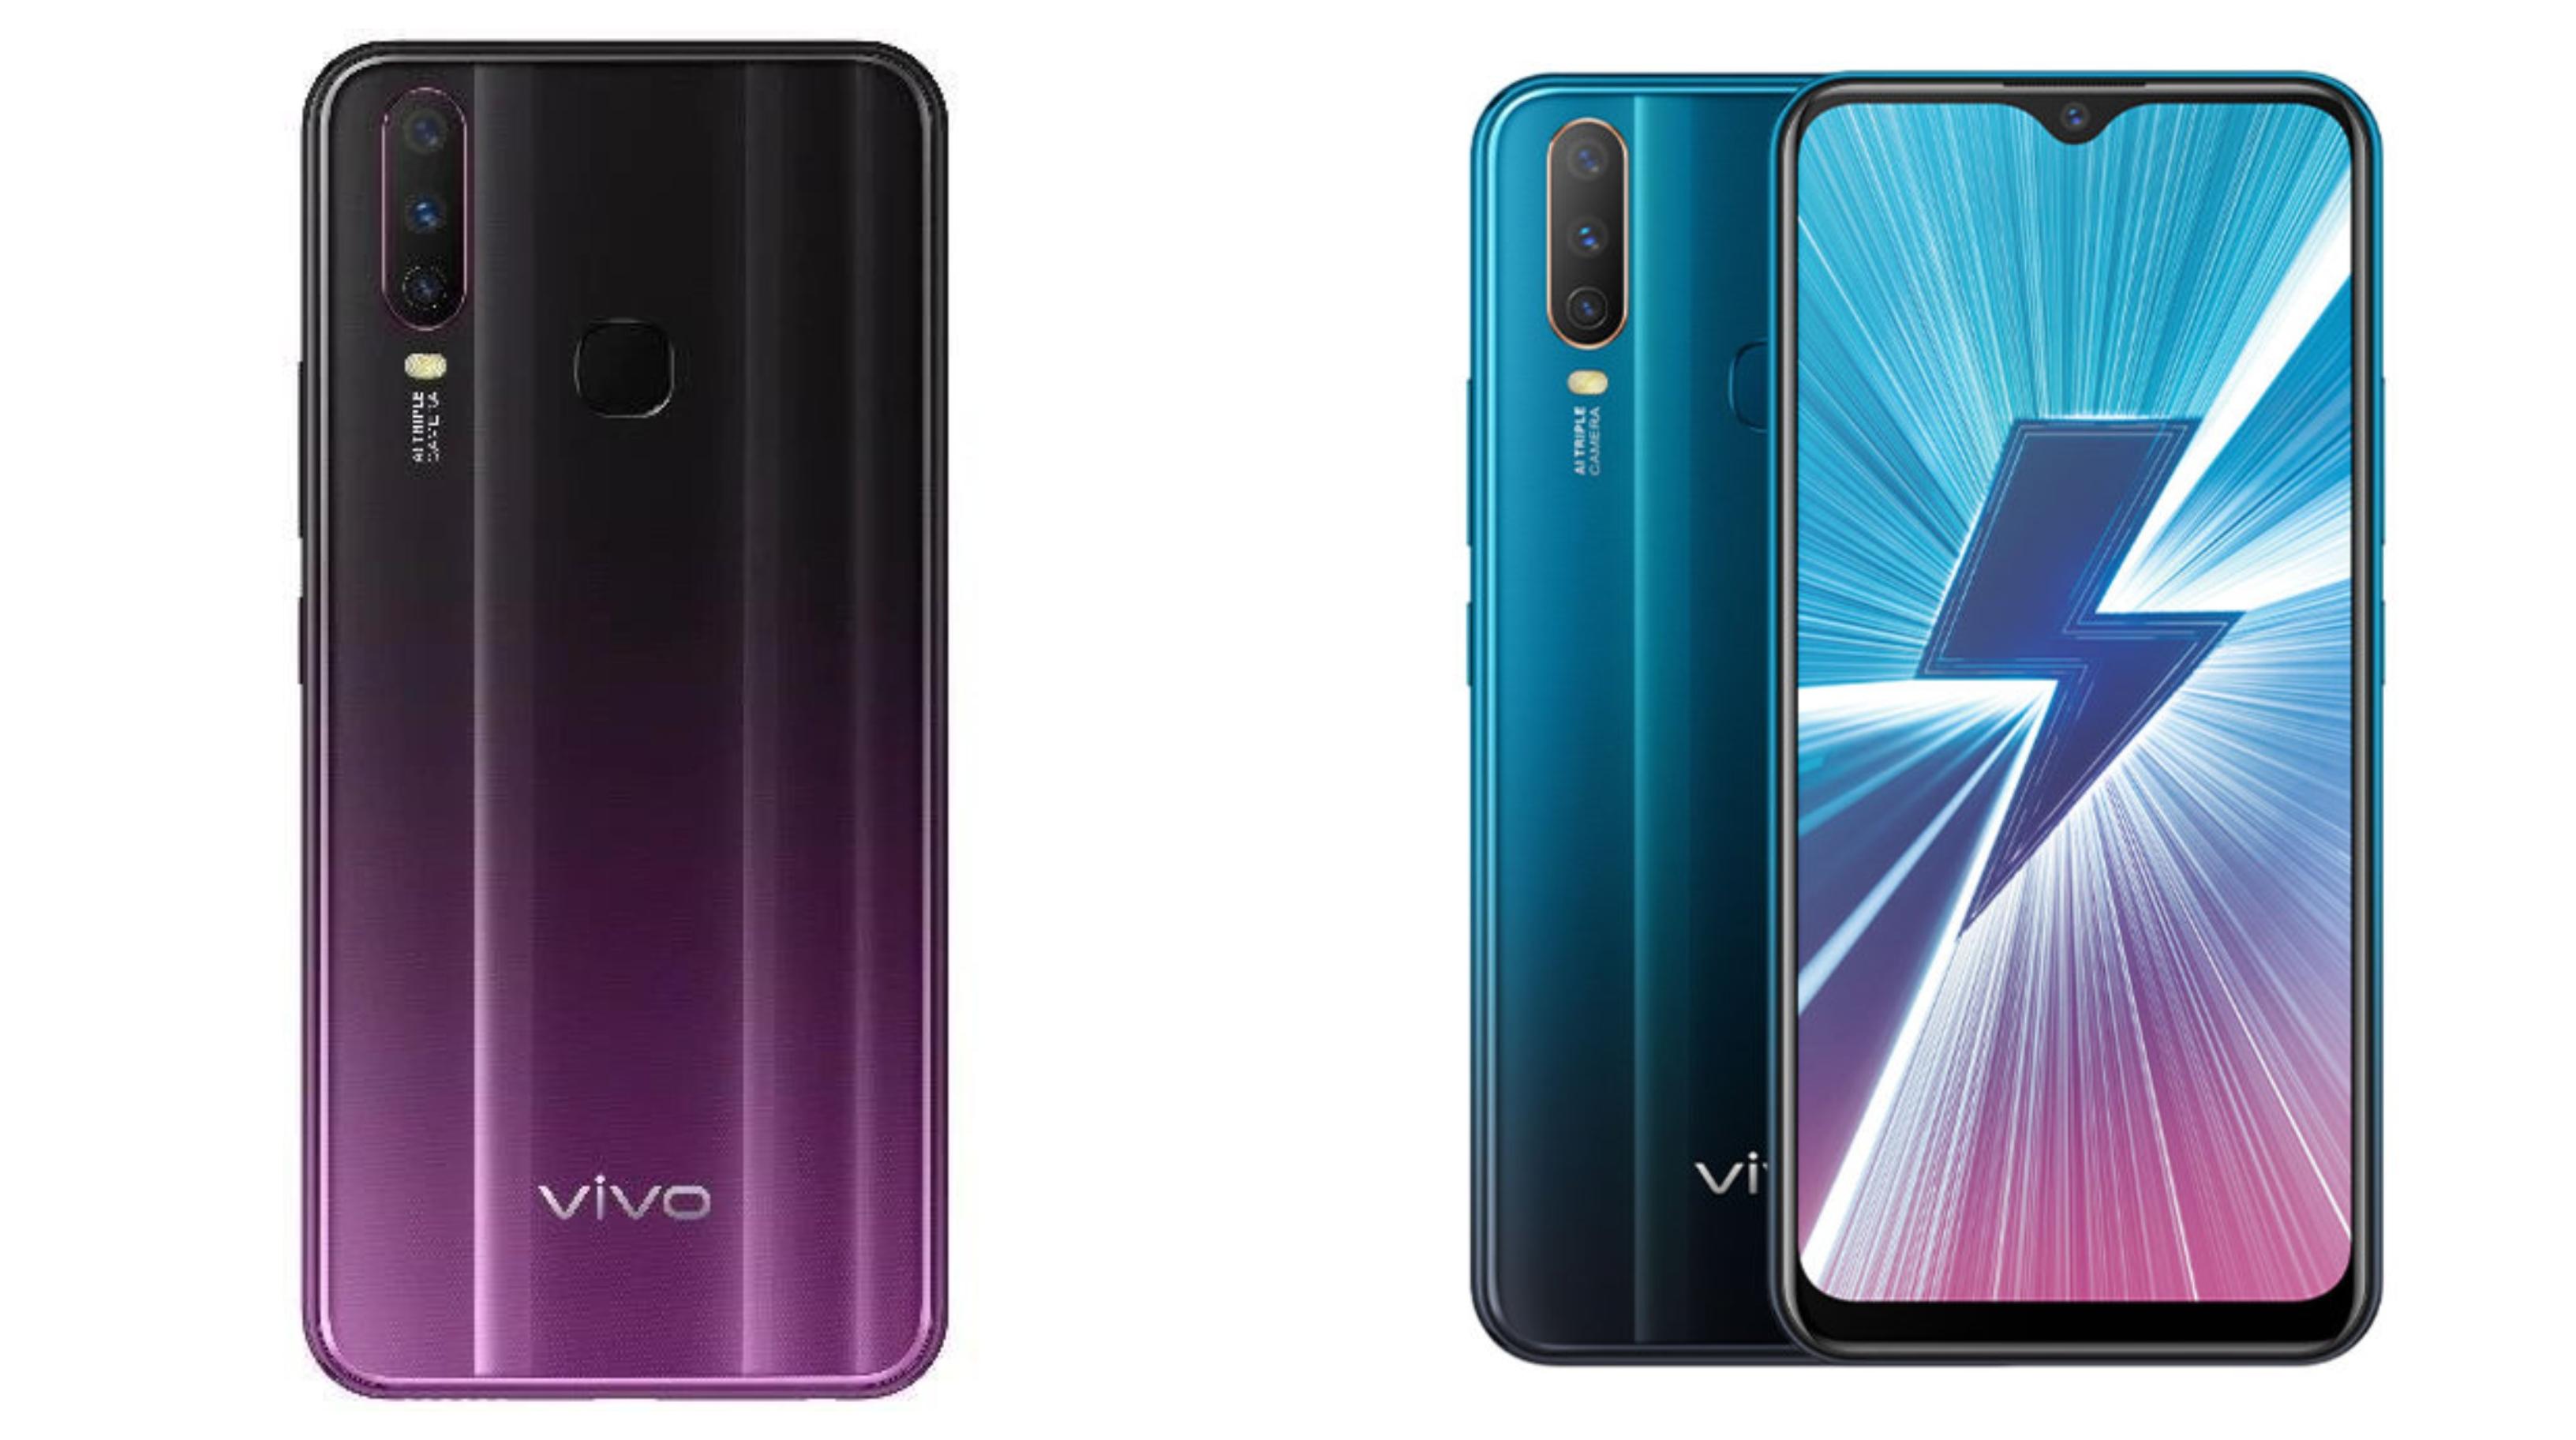 Vivo Y15 Coming Soon With Triple Cameras